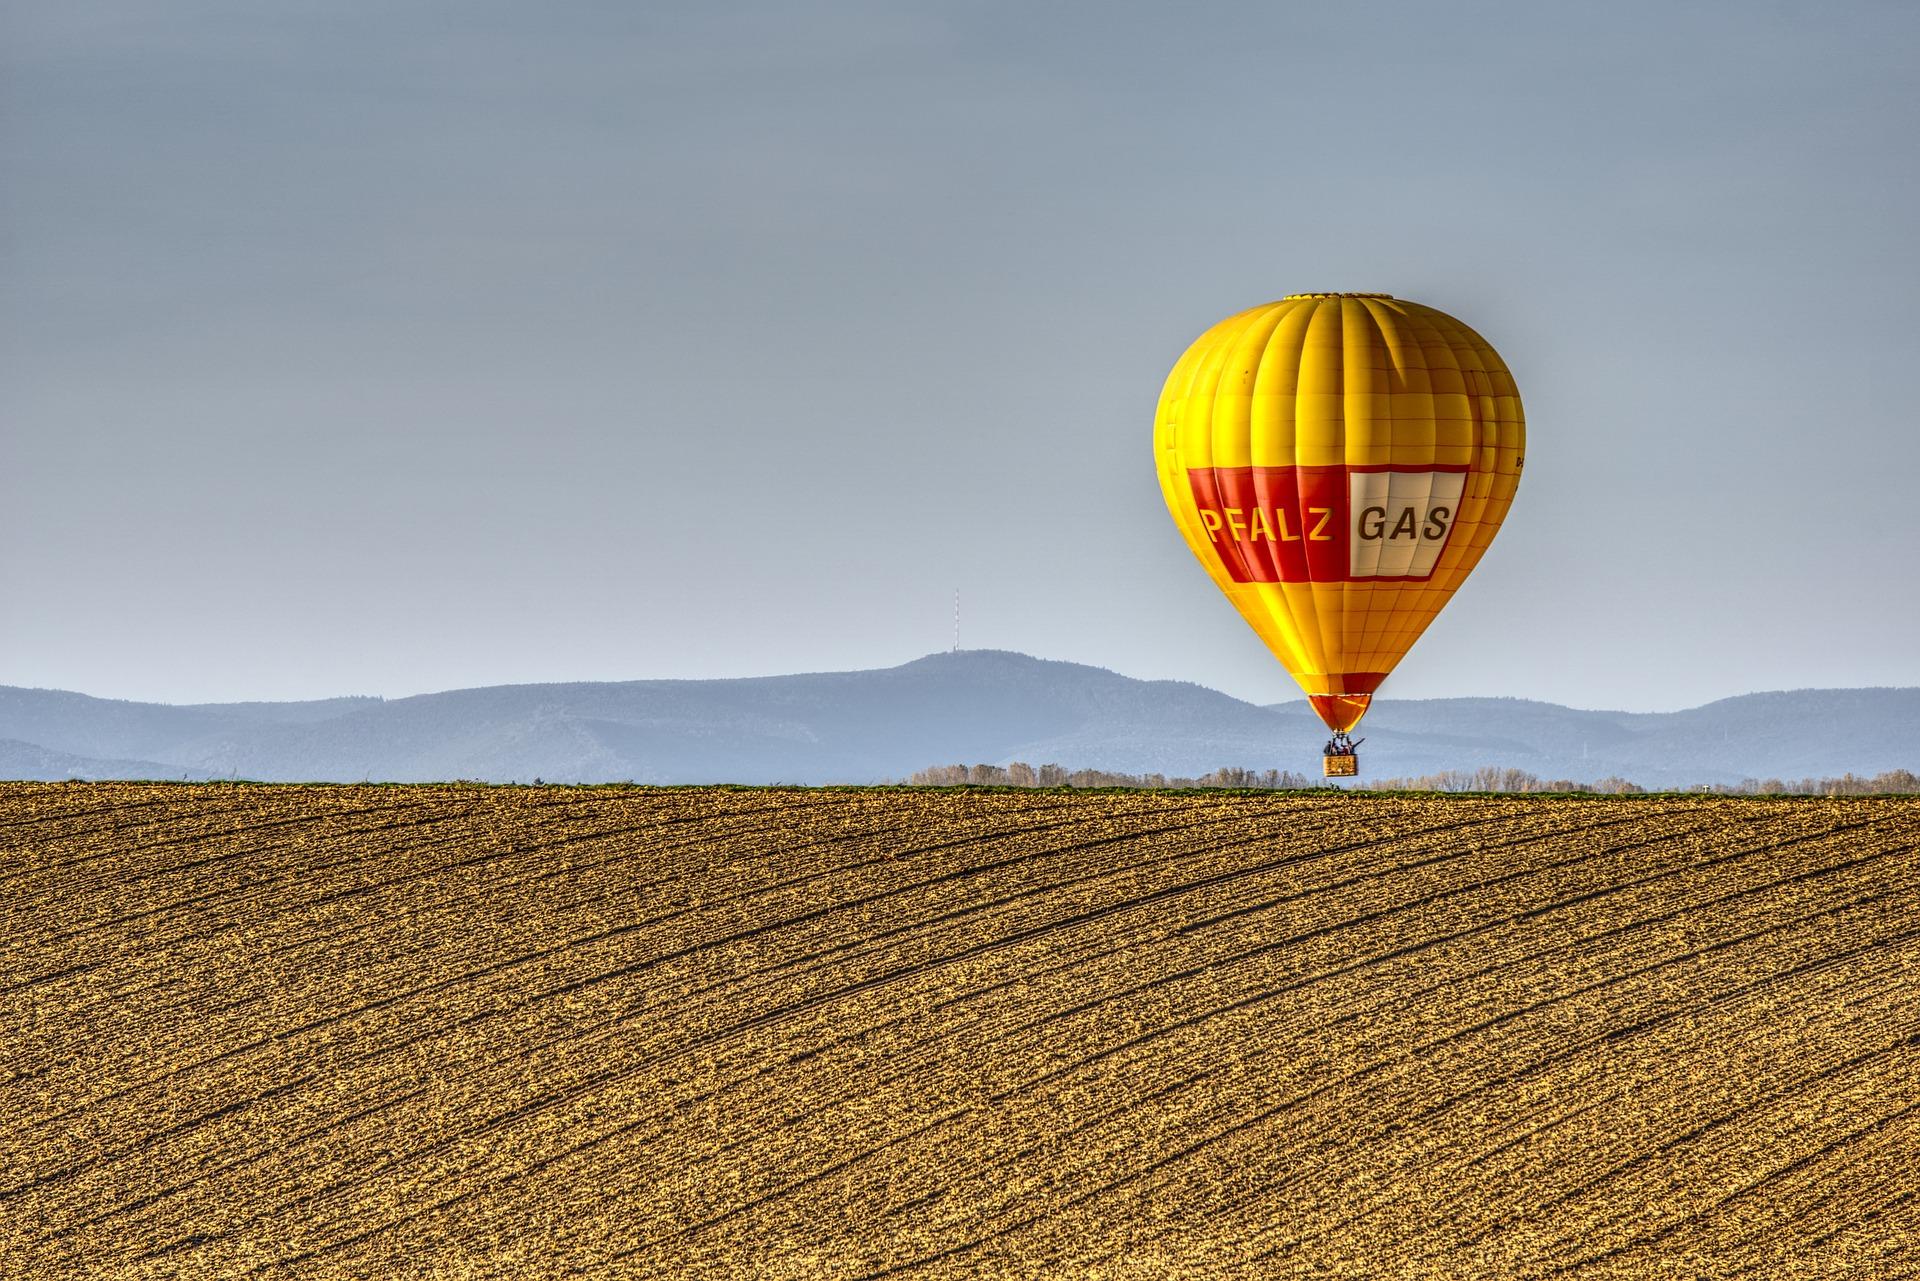 balloon-2921973_1920.jpg